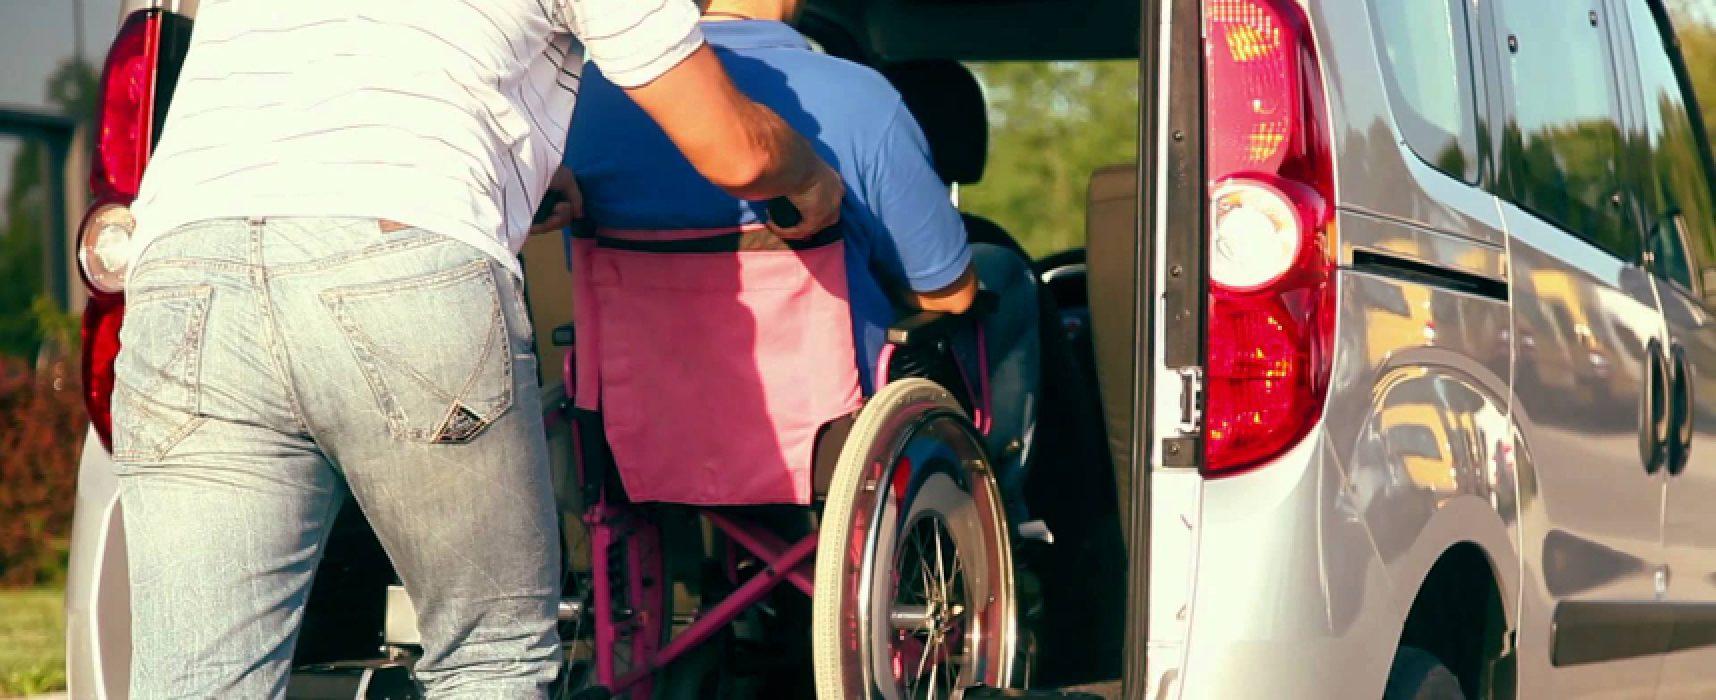 """""""Taxi sociale"""" per anziani e disabili anche a Bisceglie, assessore Valente: """"Servizio utile e solidale"""""""